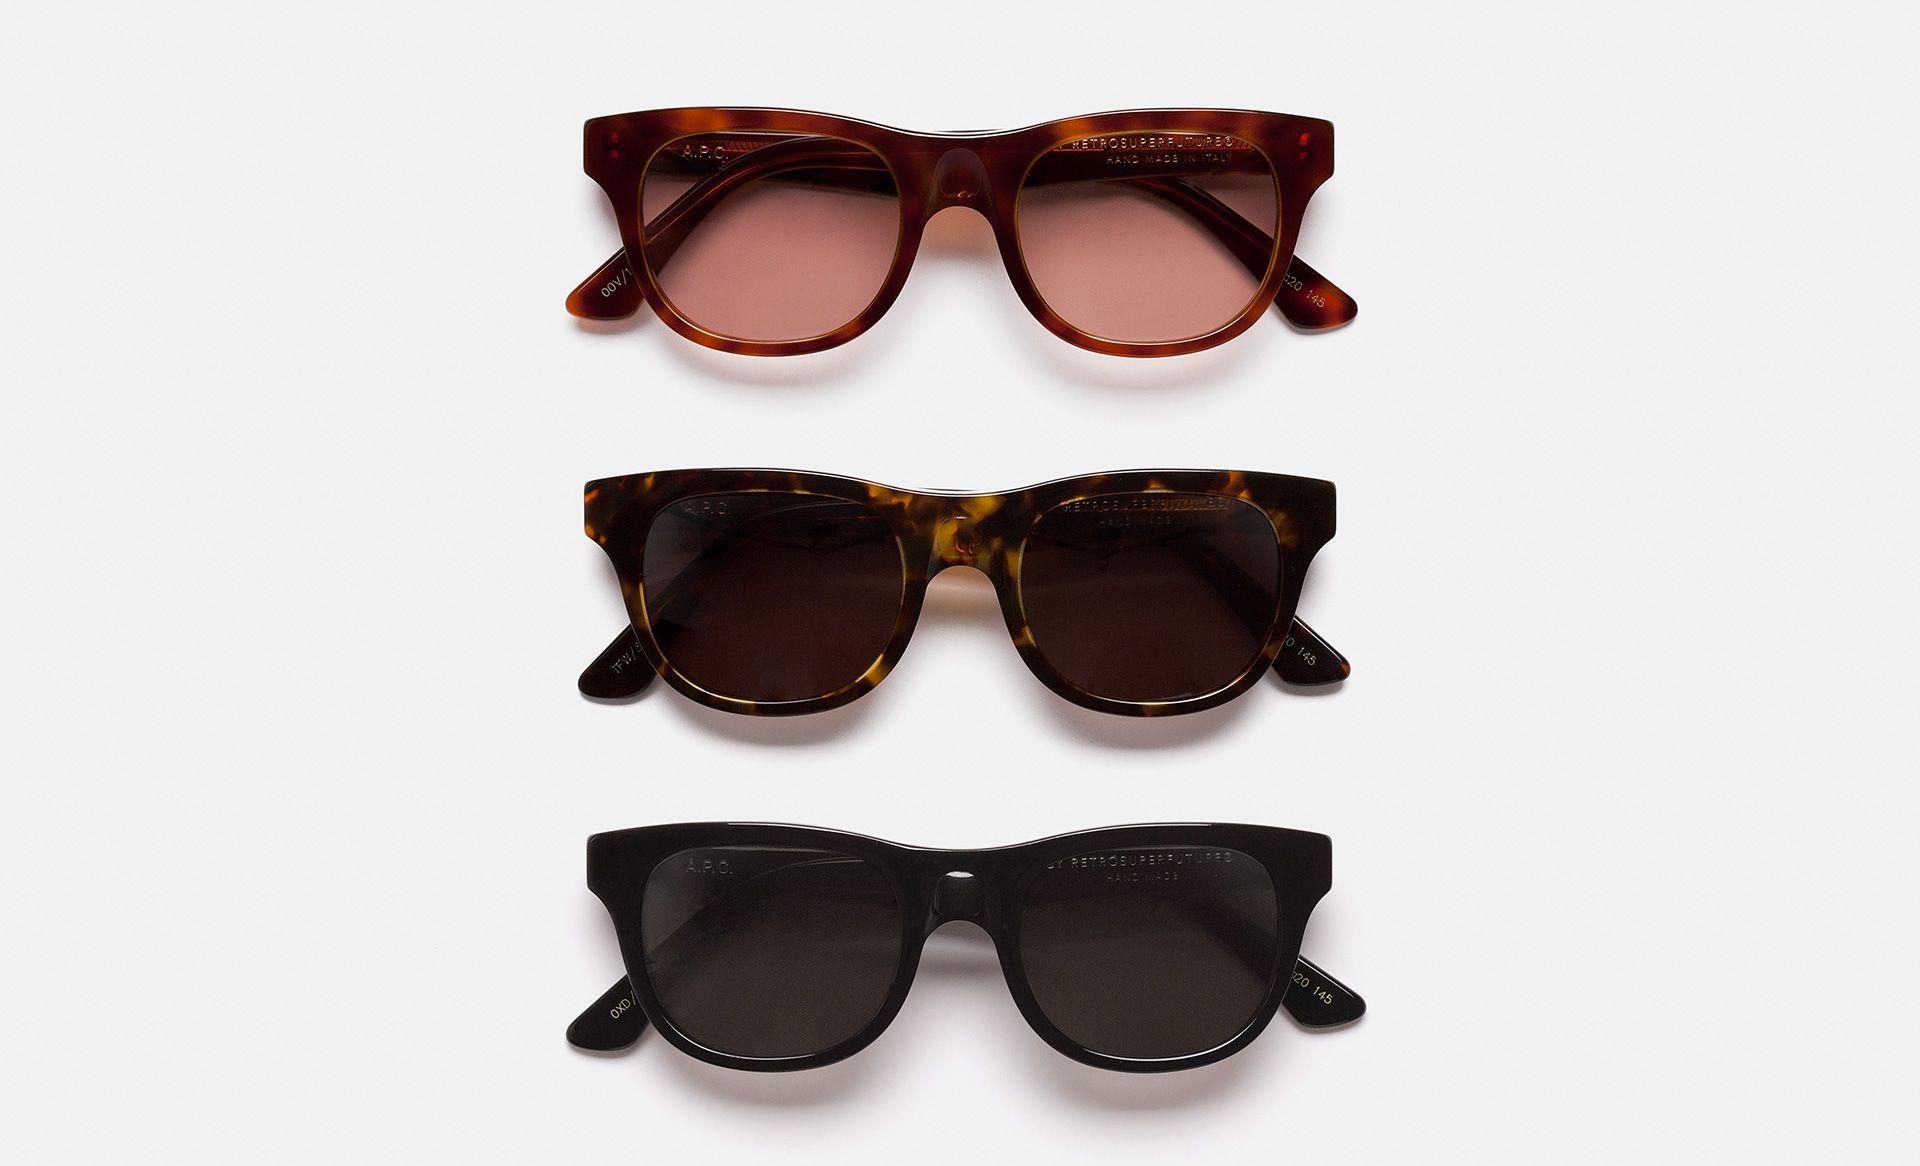 A.P.C. x RETROSUPERFUTURE Sunglasses Collection